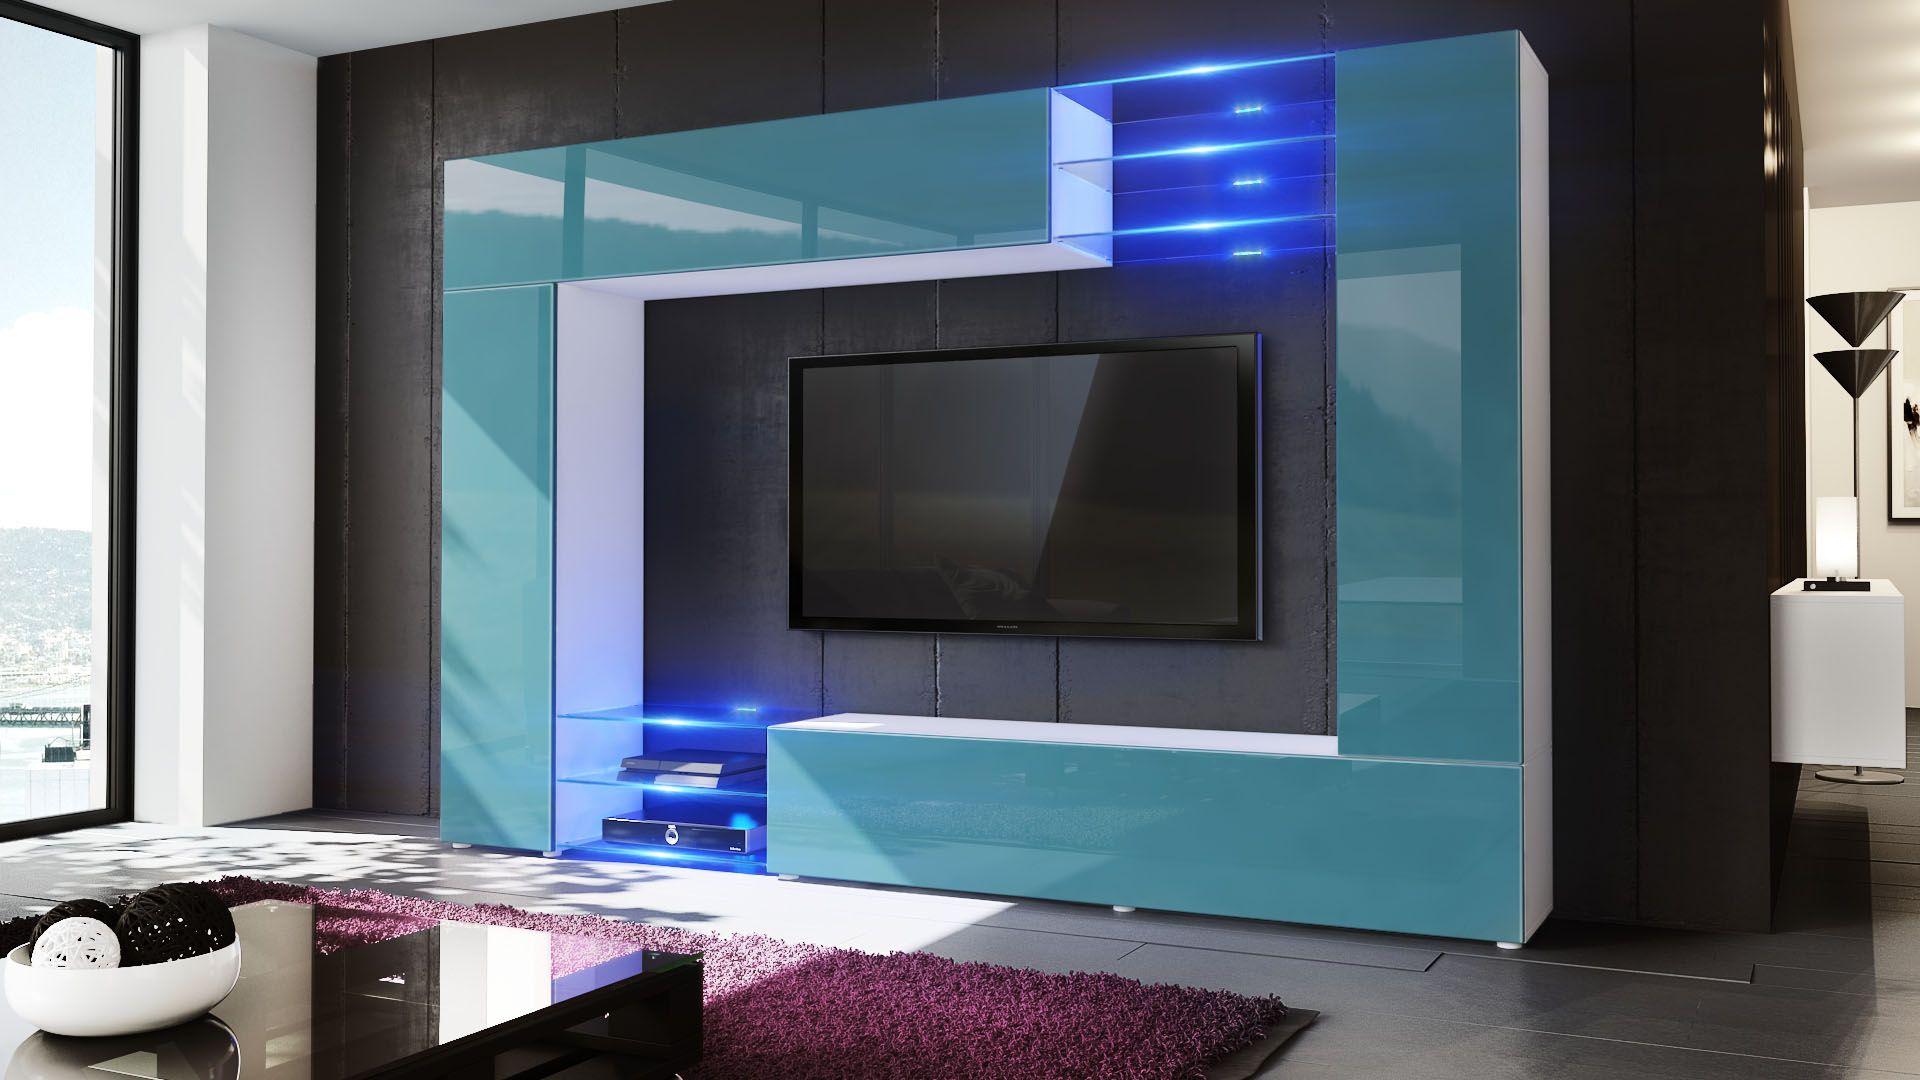 Mirage Wohnwand Einzigartiges Design Mit Hochglanzfronten Glasboden Und Optionaler Led Beleuchtung Von Vladon De Wohnwand Schrankwand Wohnen